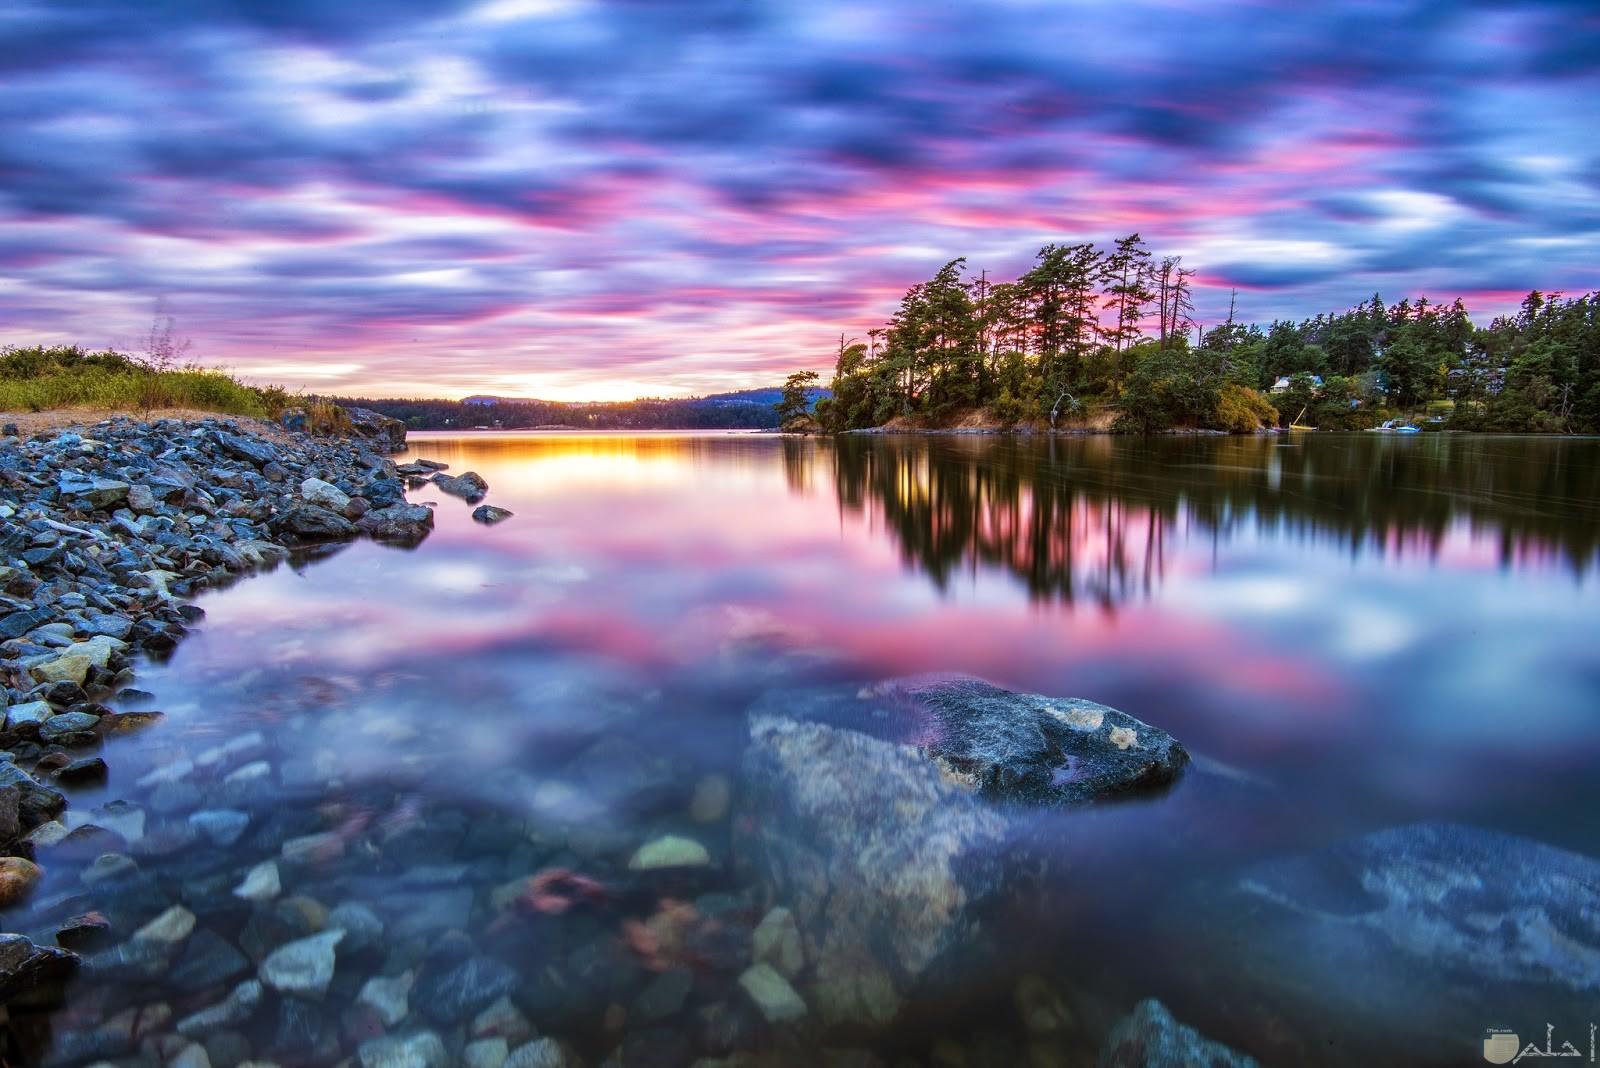 بحيرة جميلة والوان رائعة في السماء